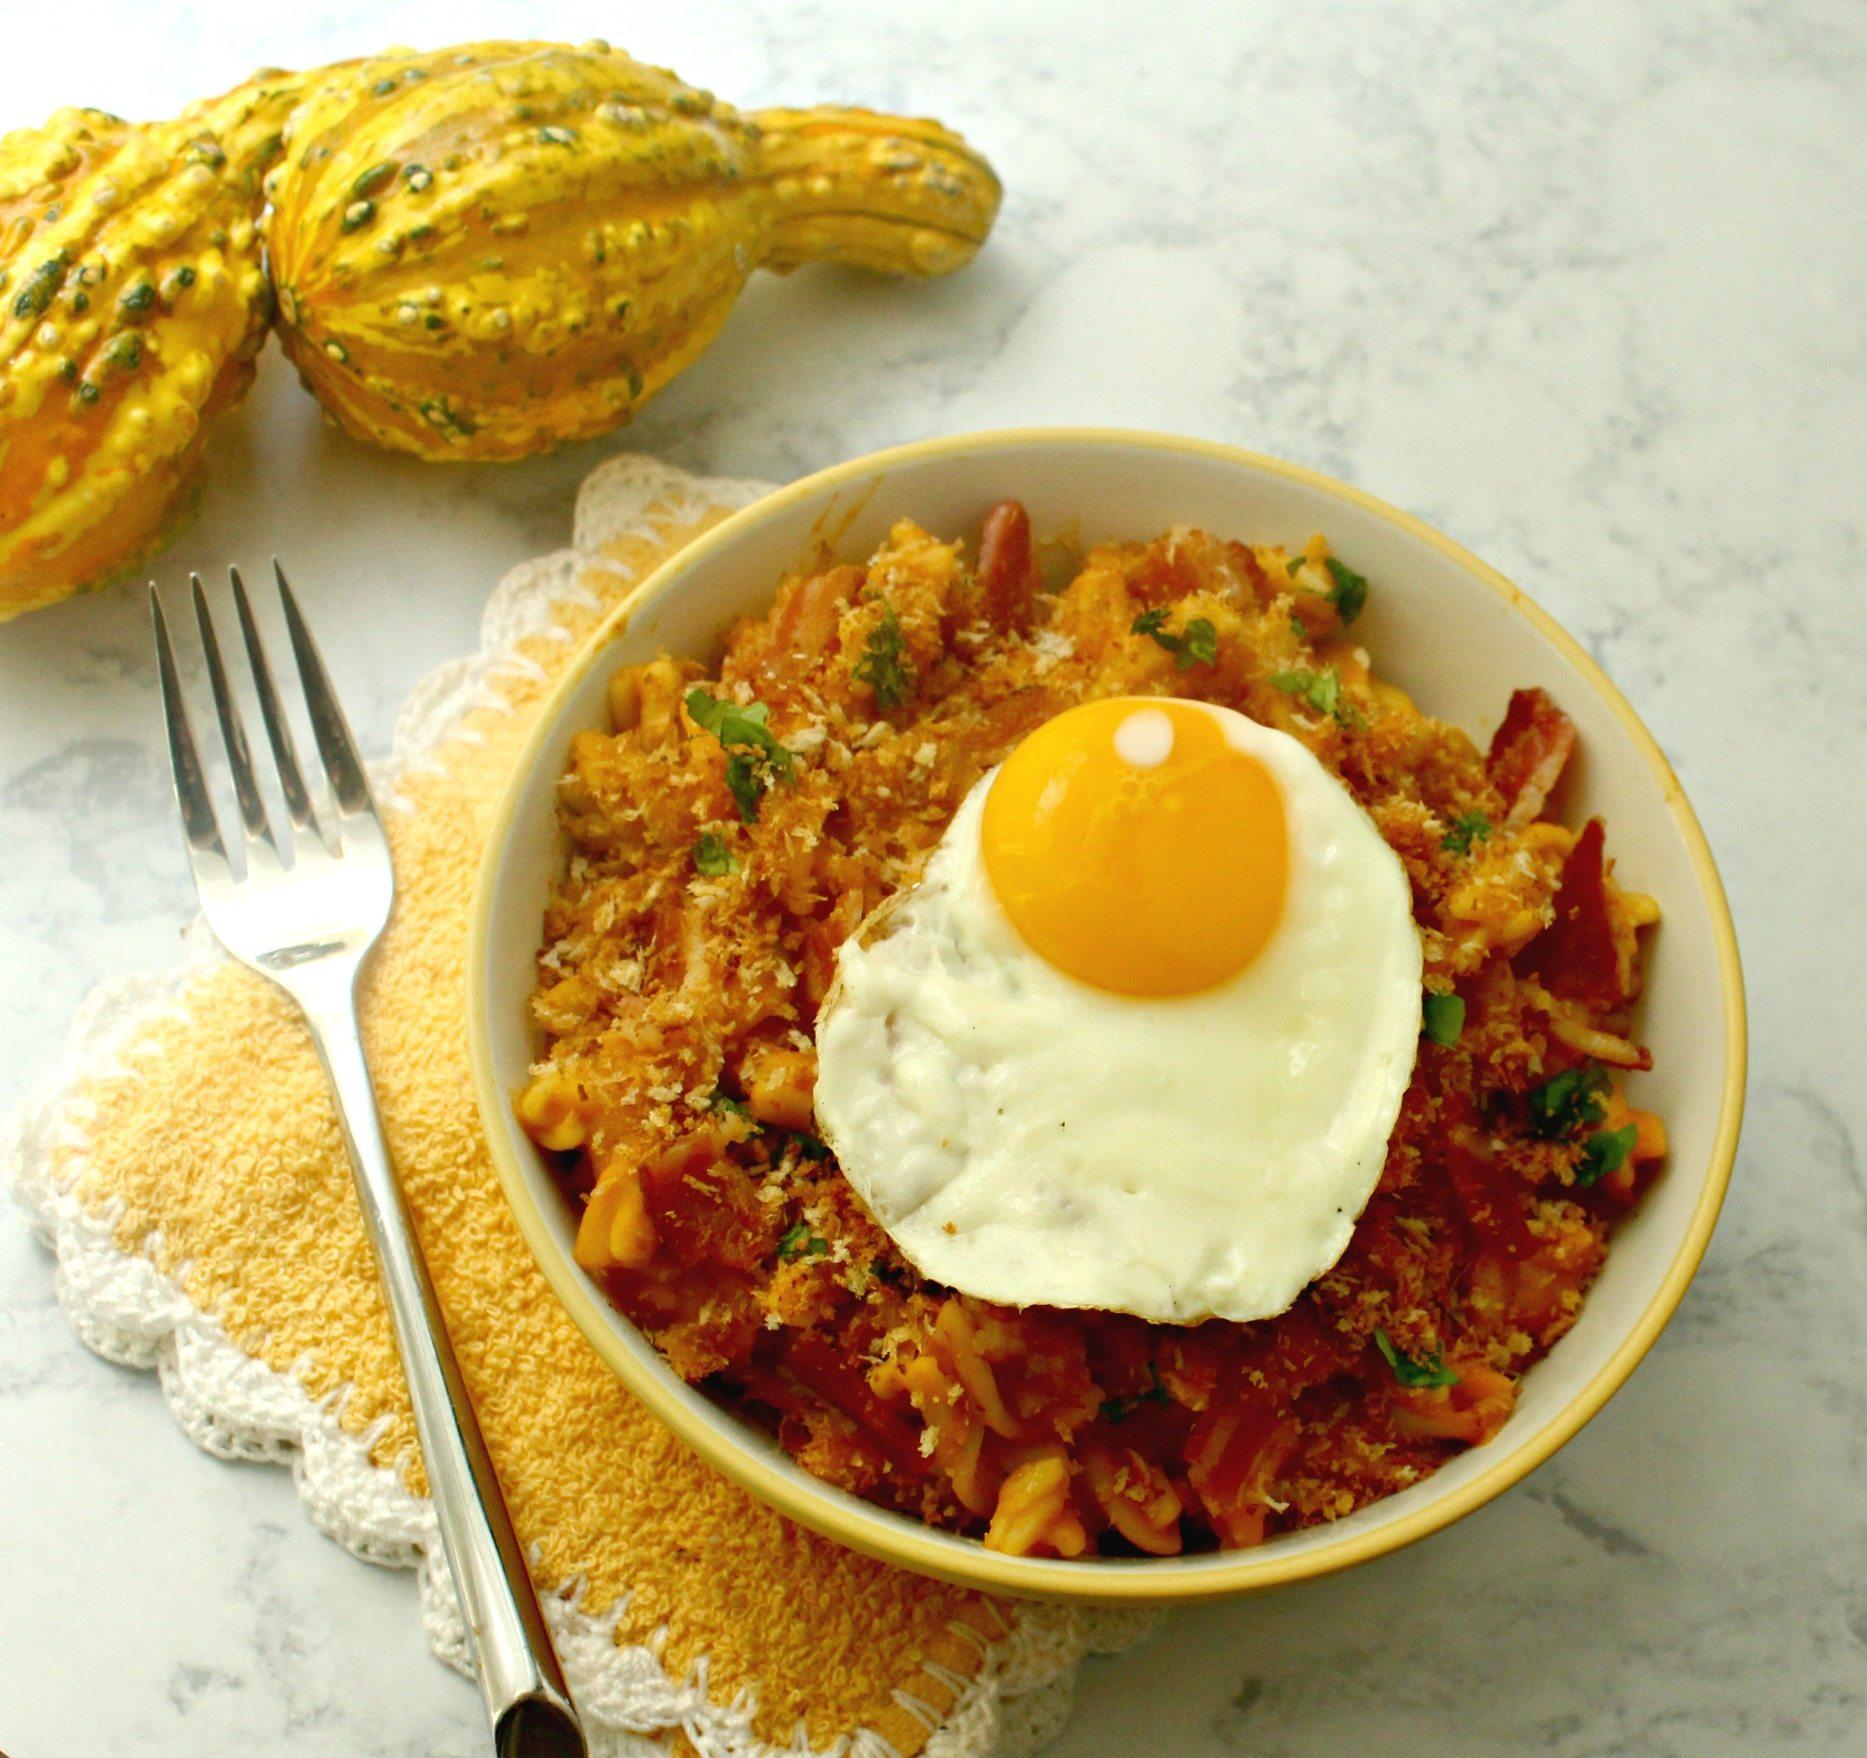 pumpkin-carbonara-with-fried-egg